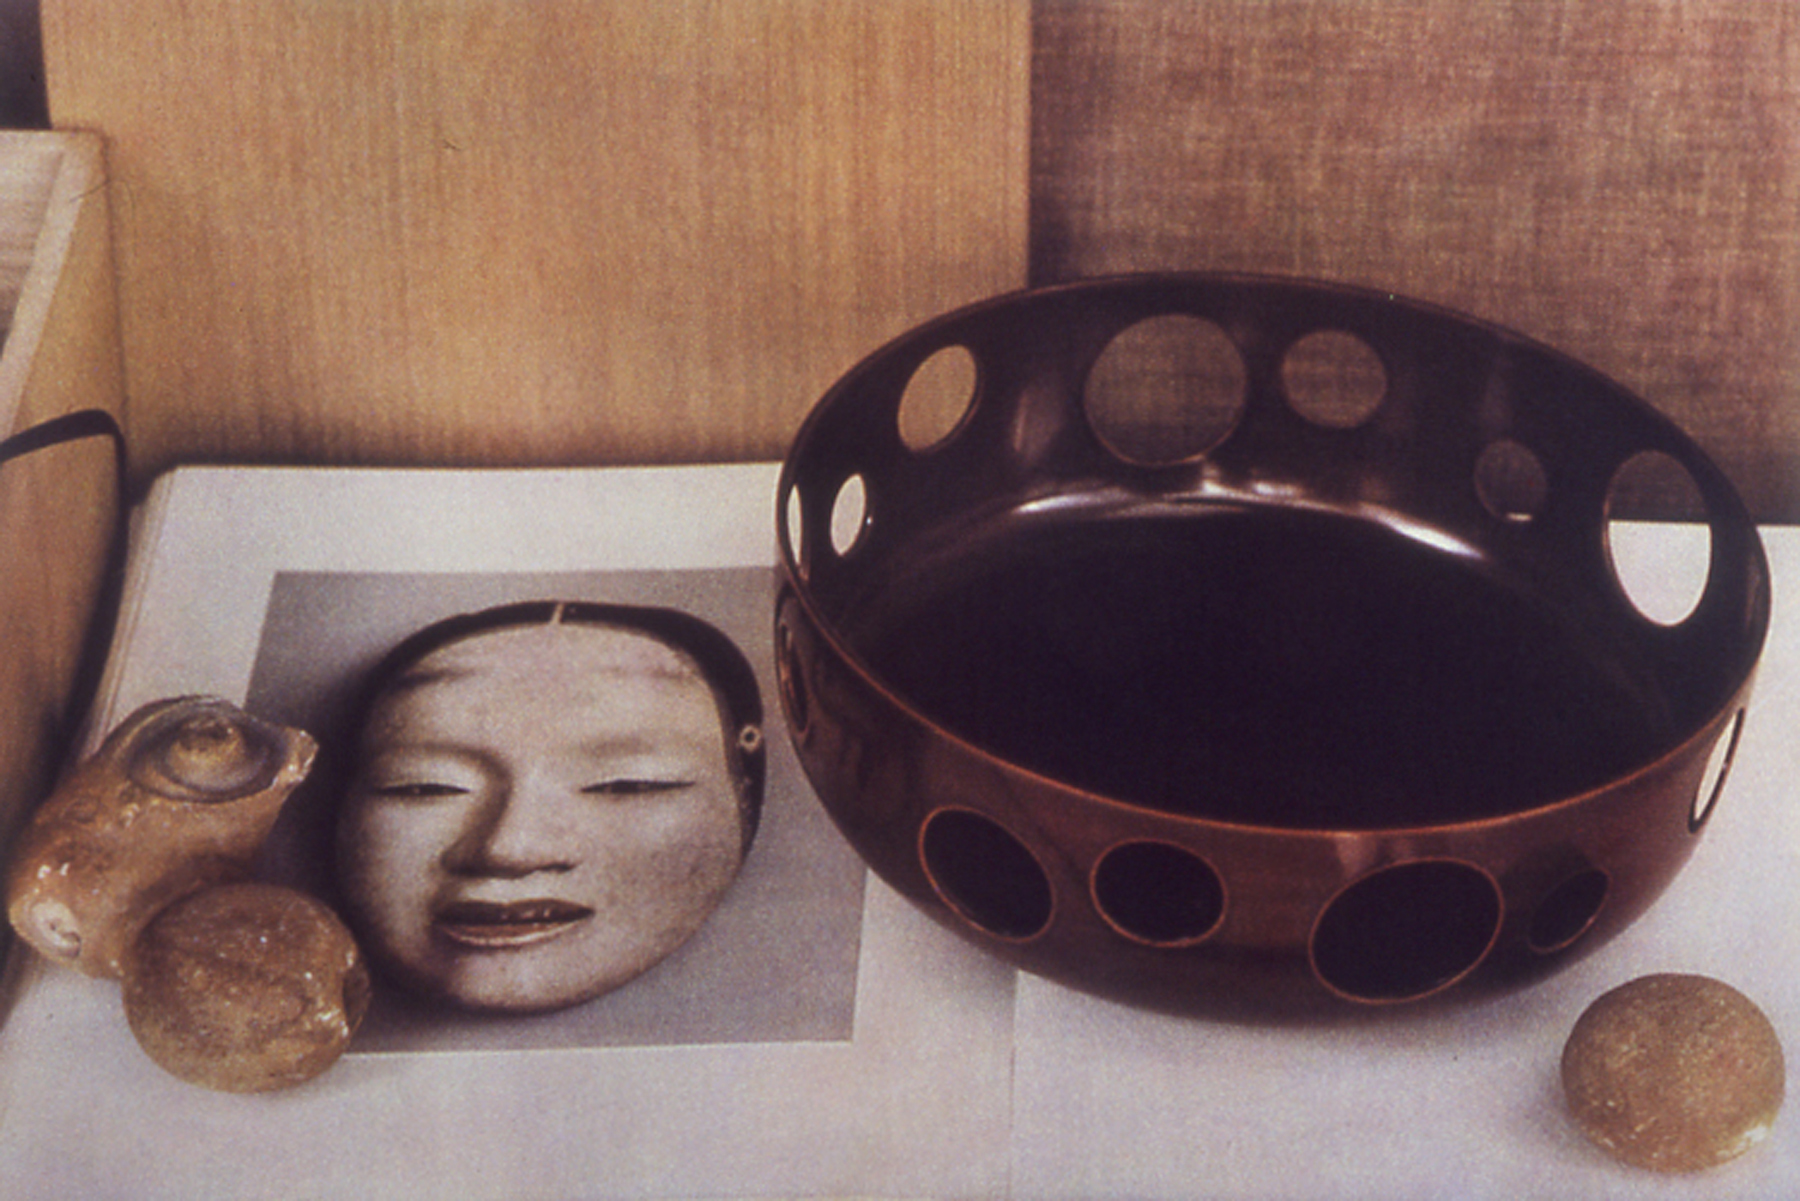 1989-SUZUKI-BOWL